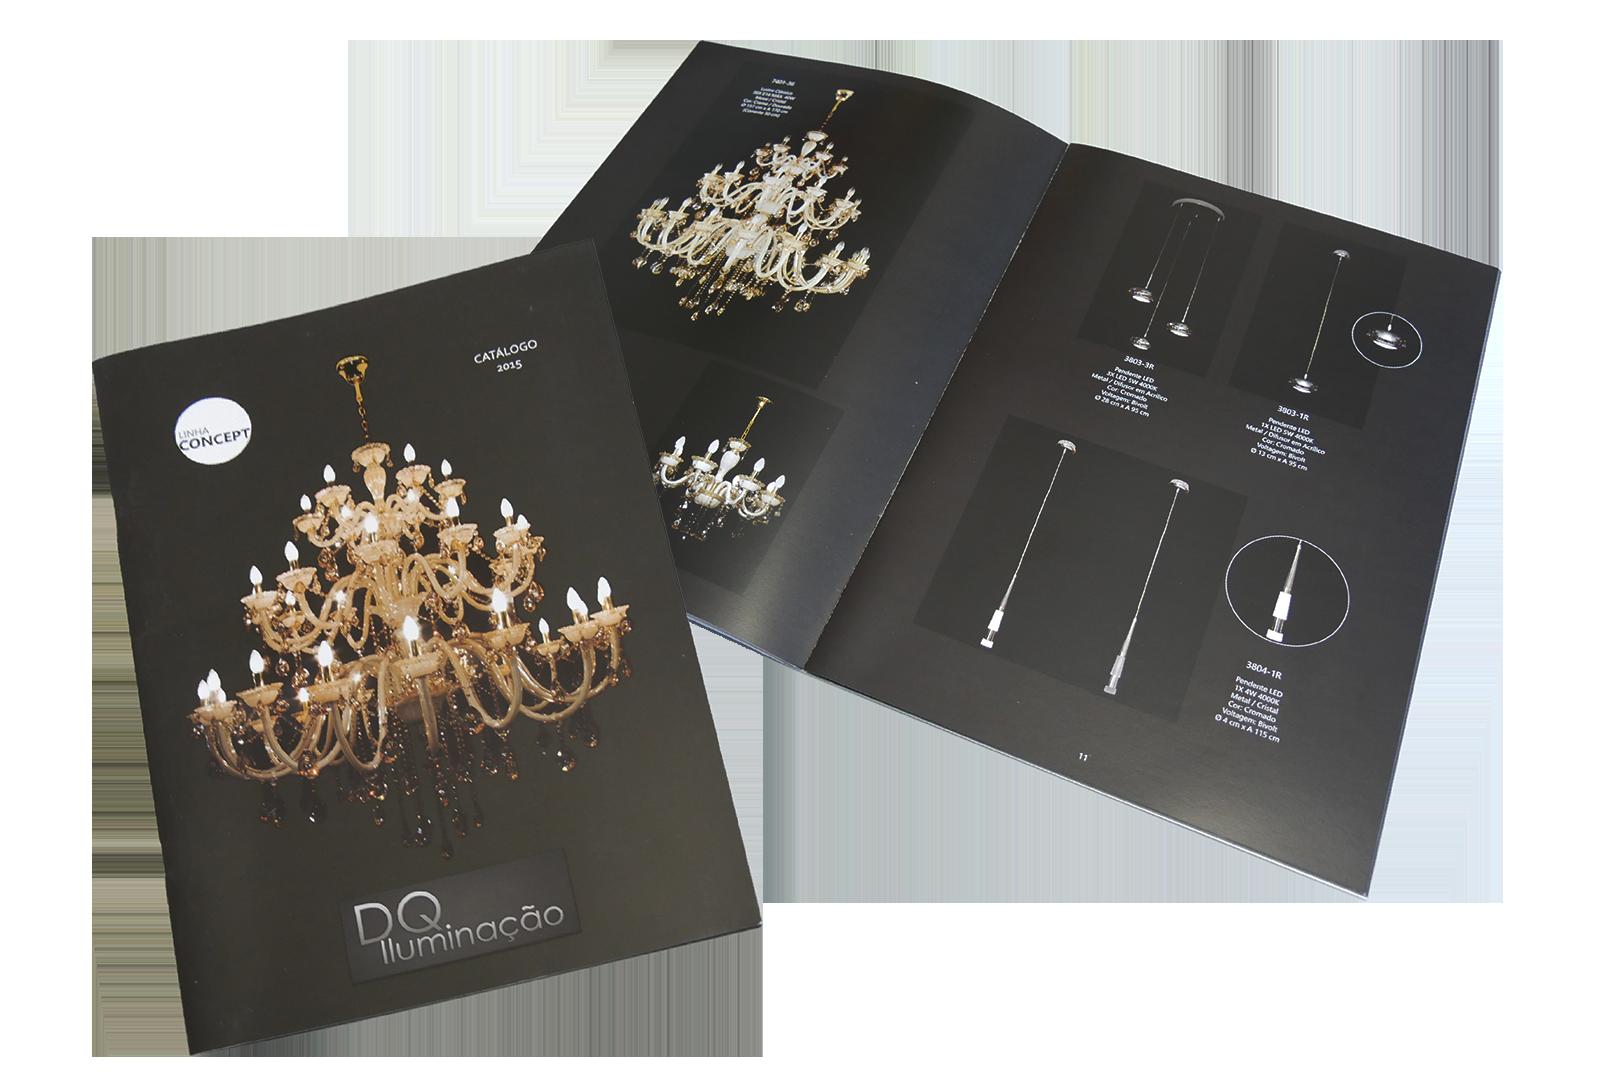 Catálogo – DQ iluminação